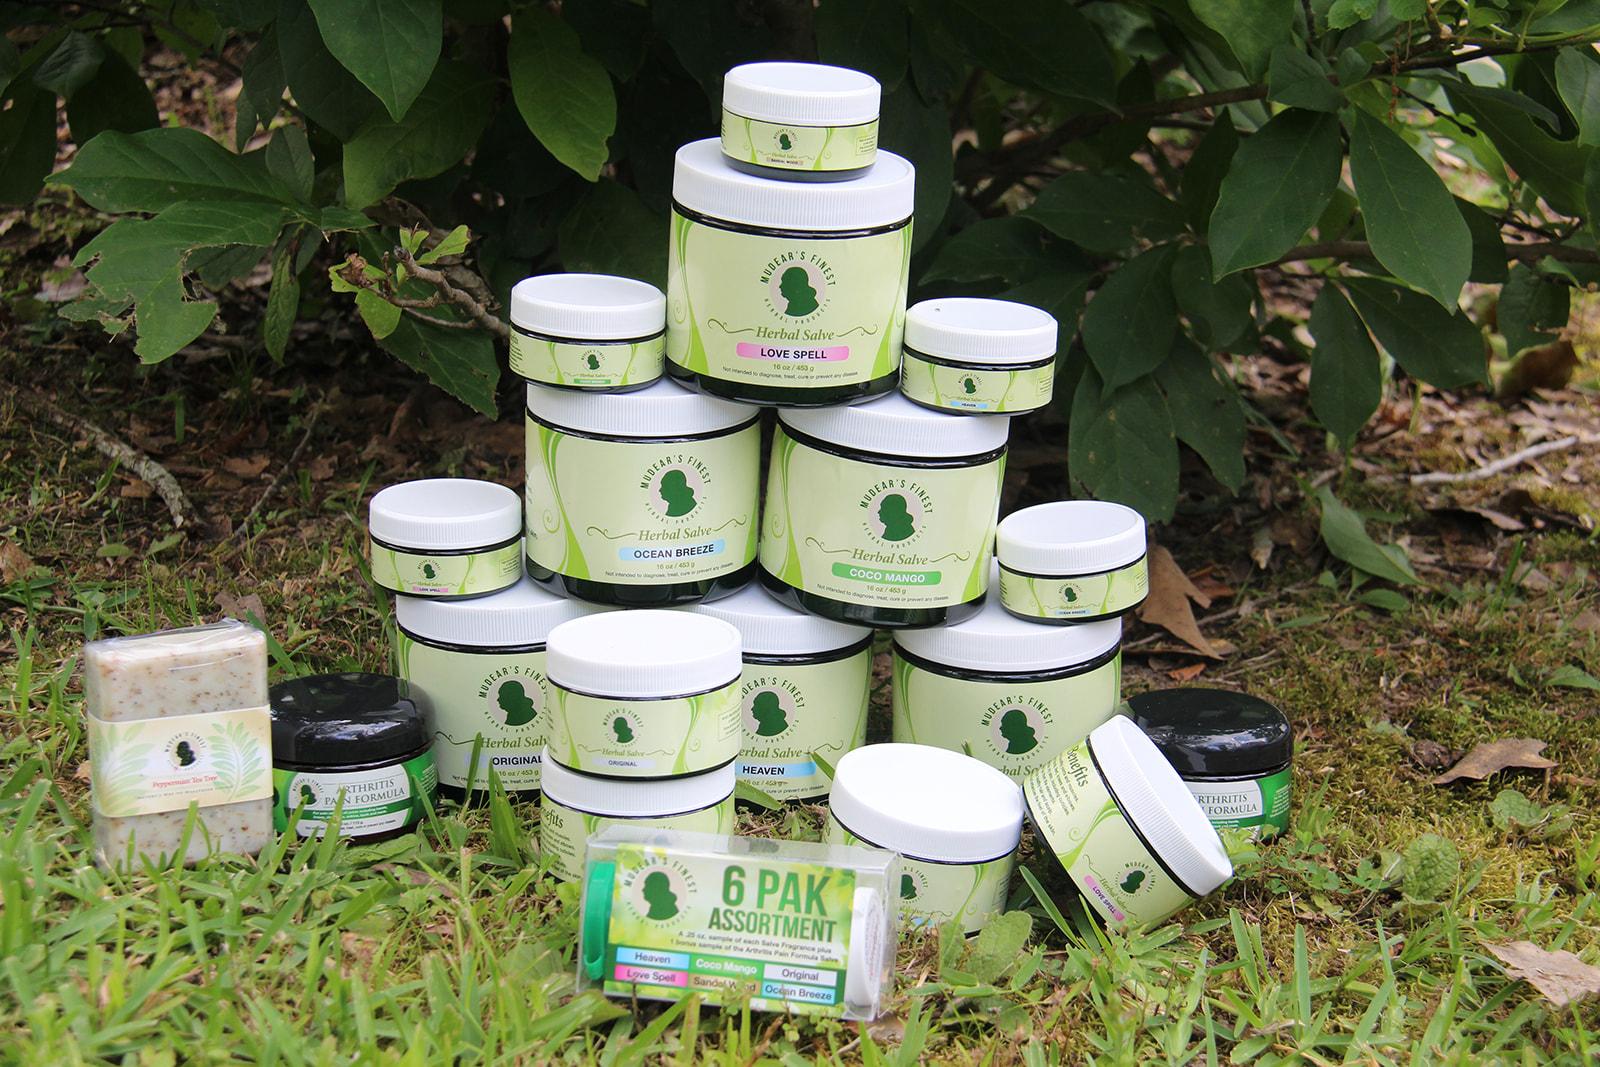 Mudear's Finest Herbal Salves